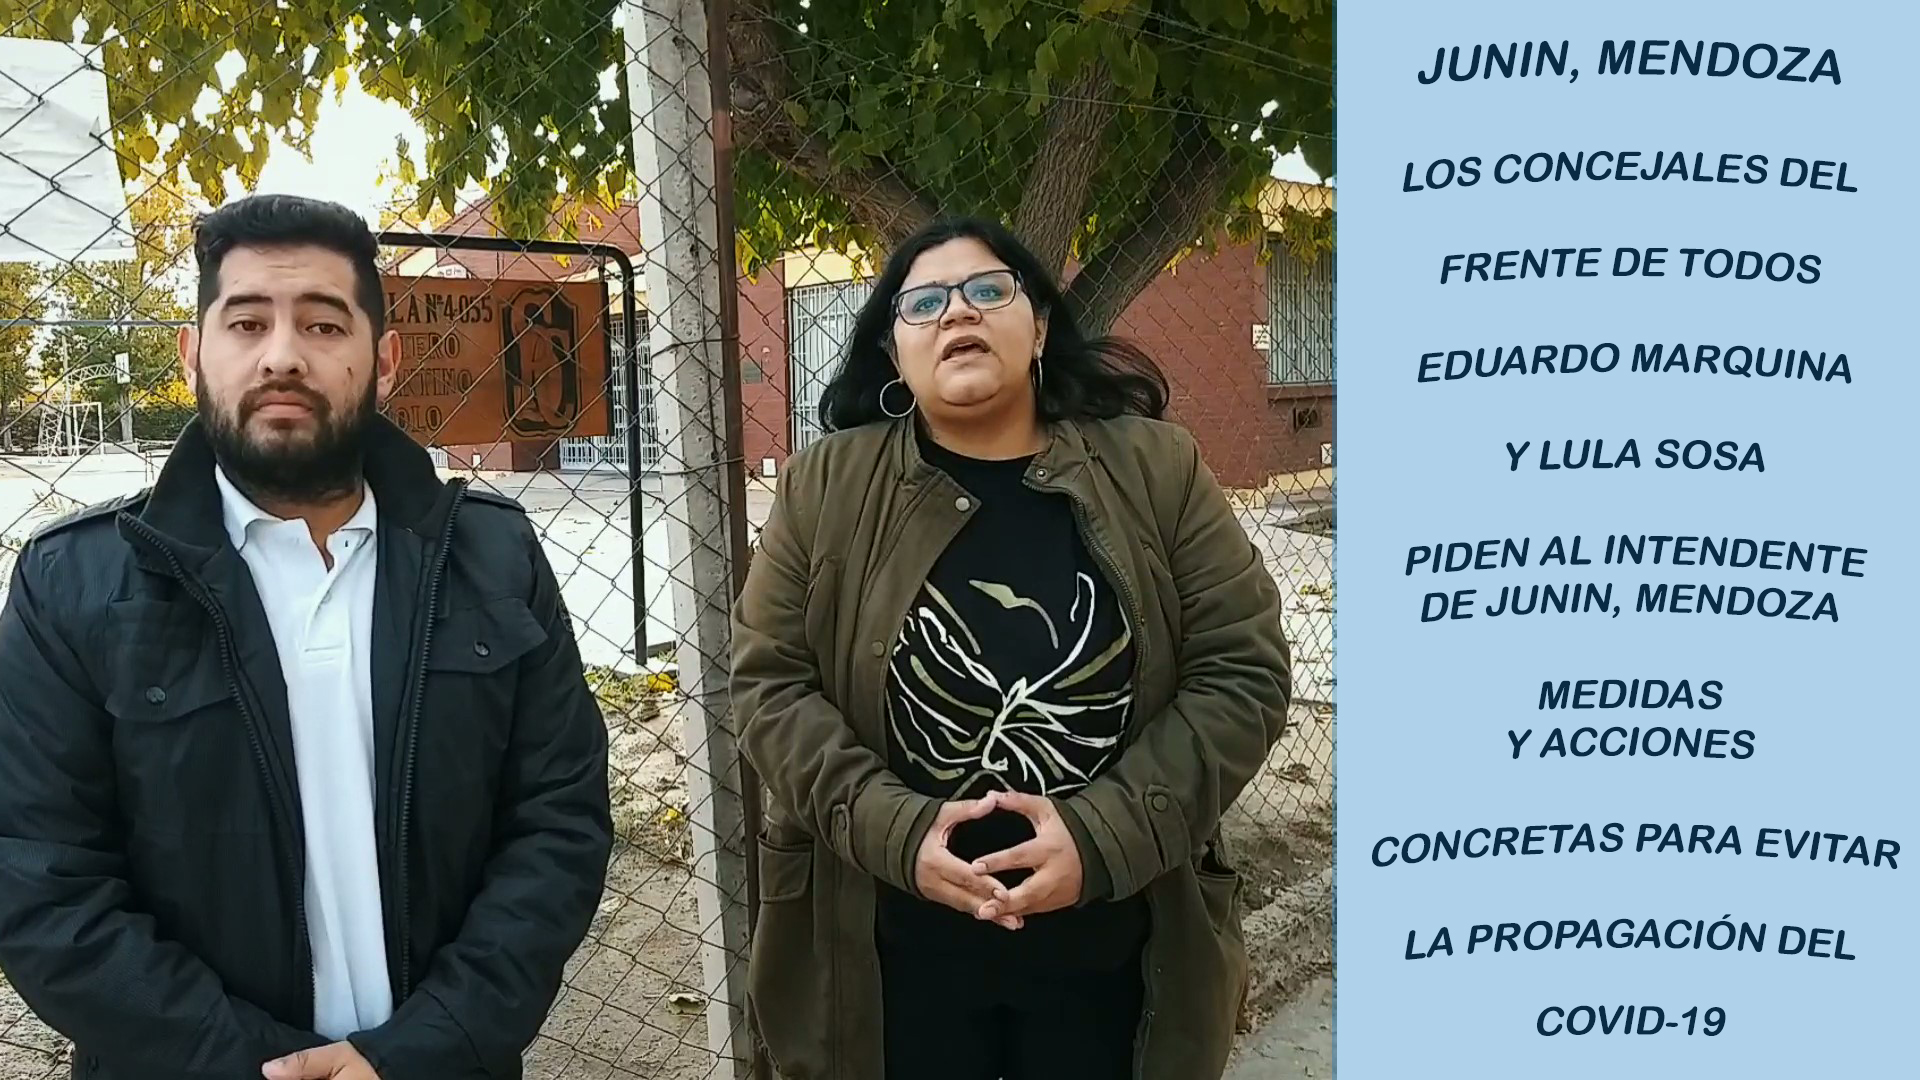 CONCEJALES DE JUNIN, MENDOZA; RECLAMAN ACCIONES Y COMPROMISO AL INTENDENTE PARA COMBATIR EL COVID 19